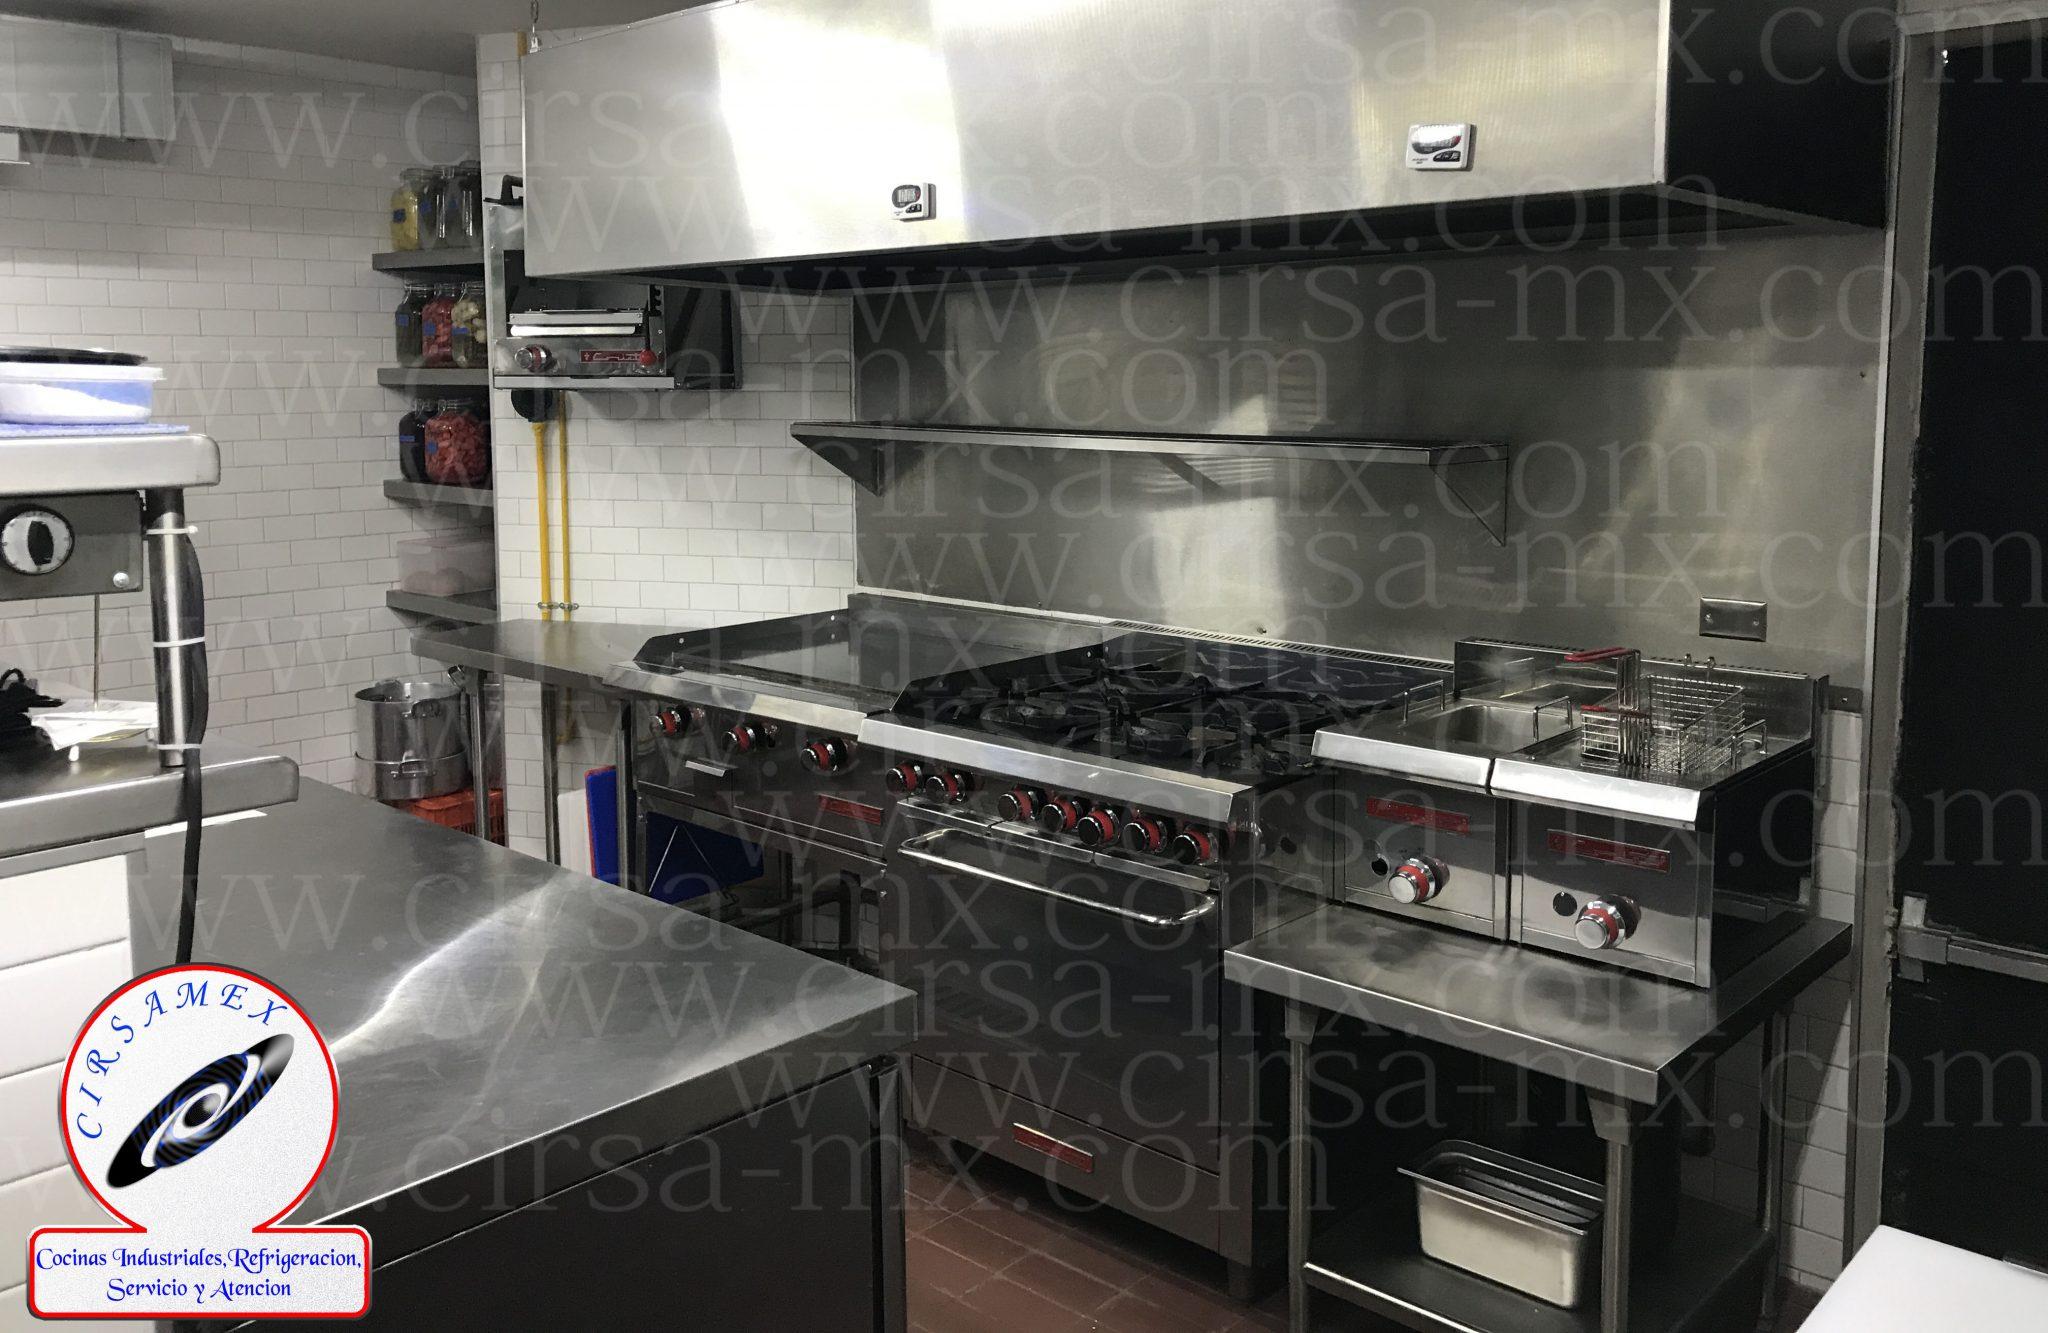 Cocinas industriales todo el mobiliario que buscas para for Cocinas pequenas industriales